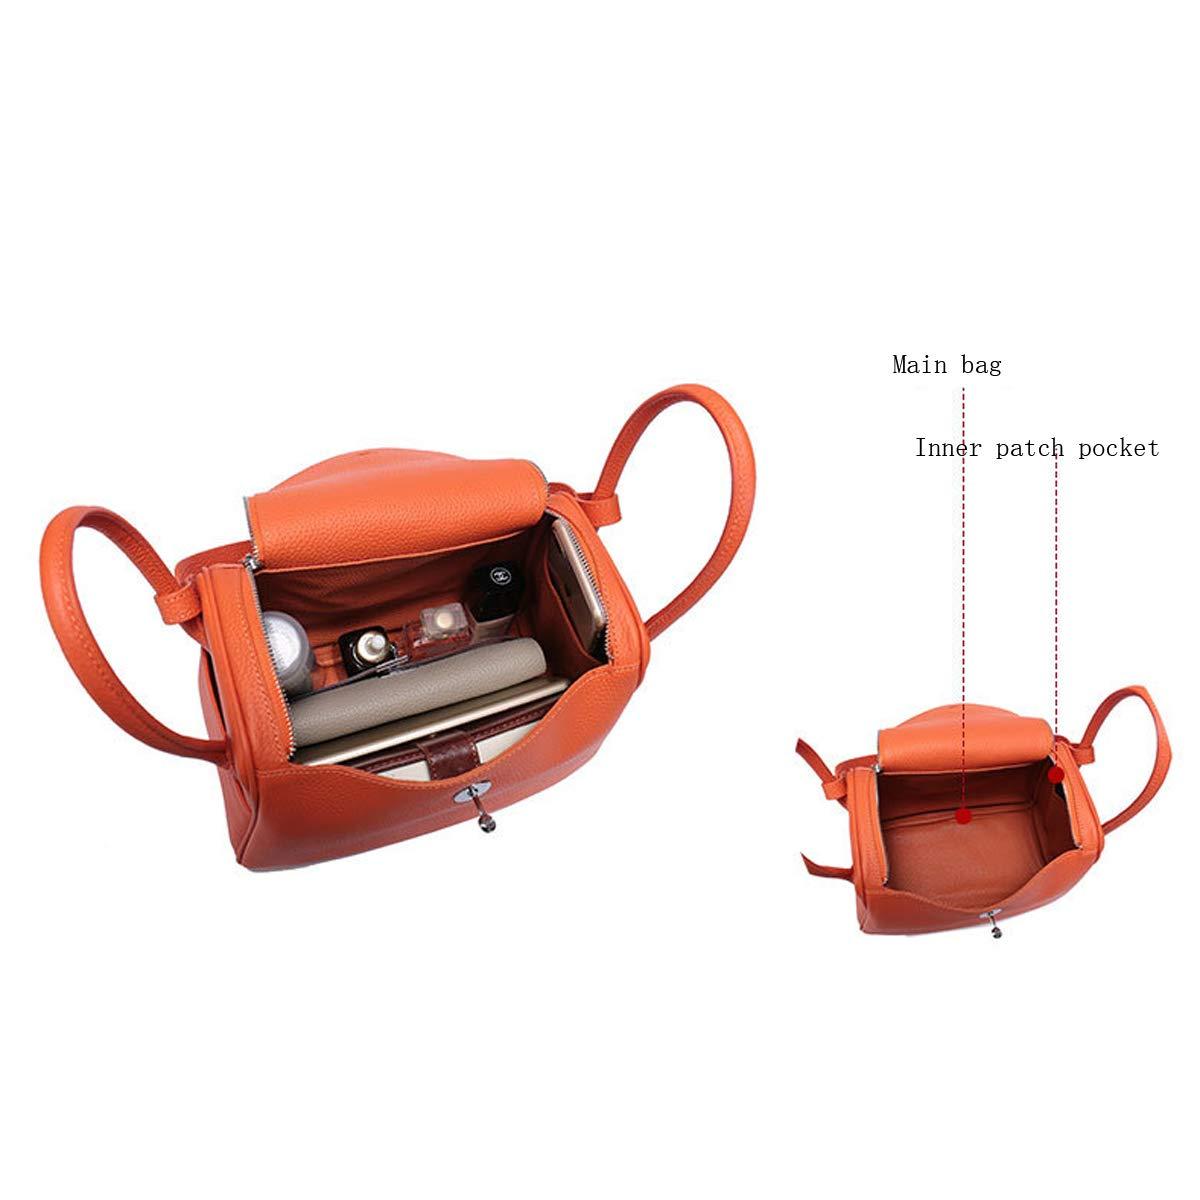 Neue hochwertige echtes leder umh/ängetasche lychee muster handtasche arzt tasche medizin tasche retro dame handtasche designer tasche mamabeutel windeltasche khaki, 28 * 16 * 20cm